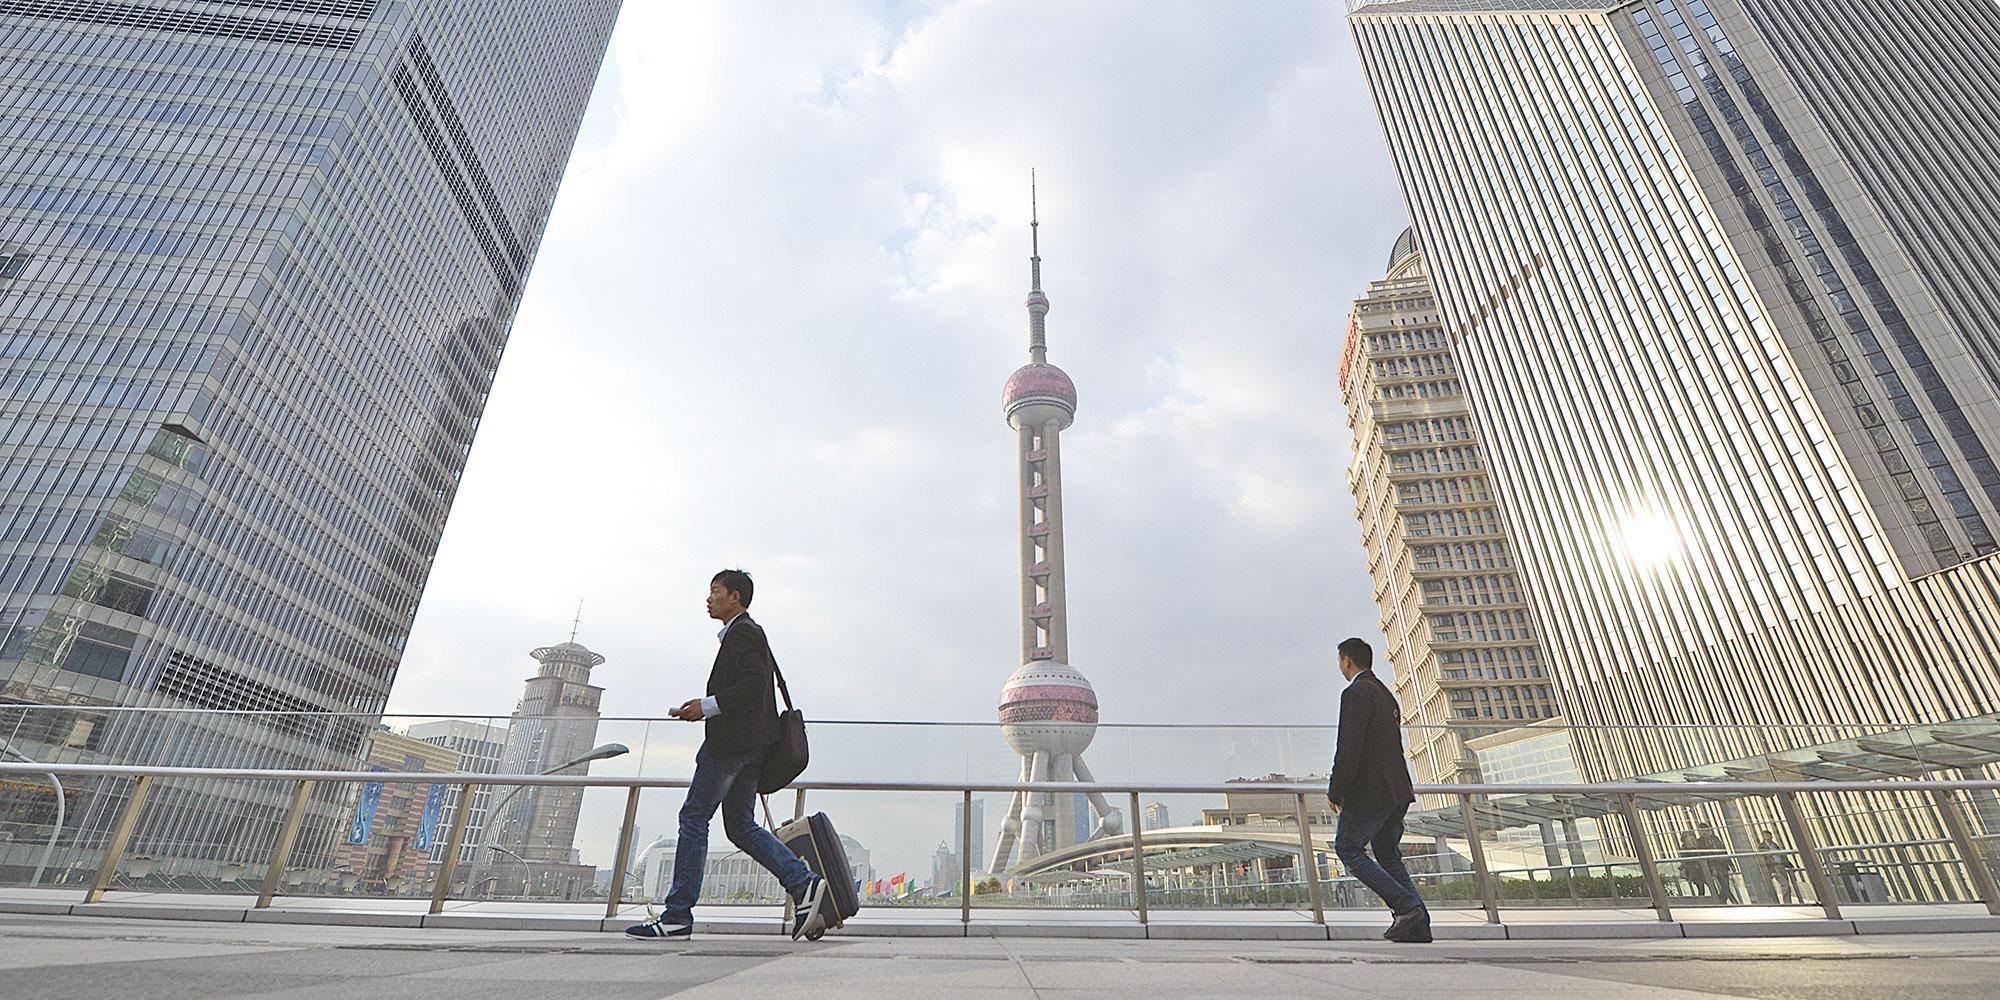 2019年中國經濟,恐將遭遇多方面壓力夾擊,前景難以樂觀。(AFP/Getty Images)